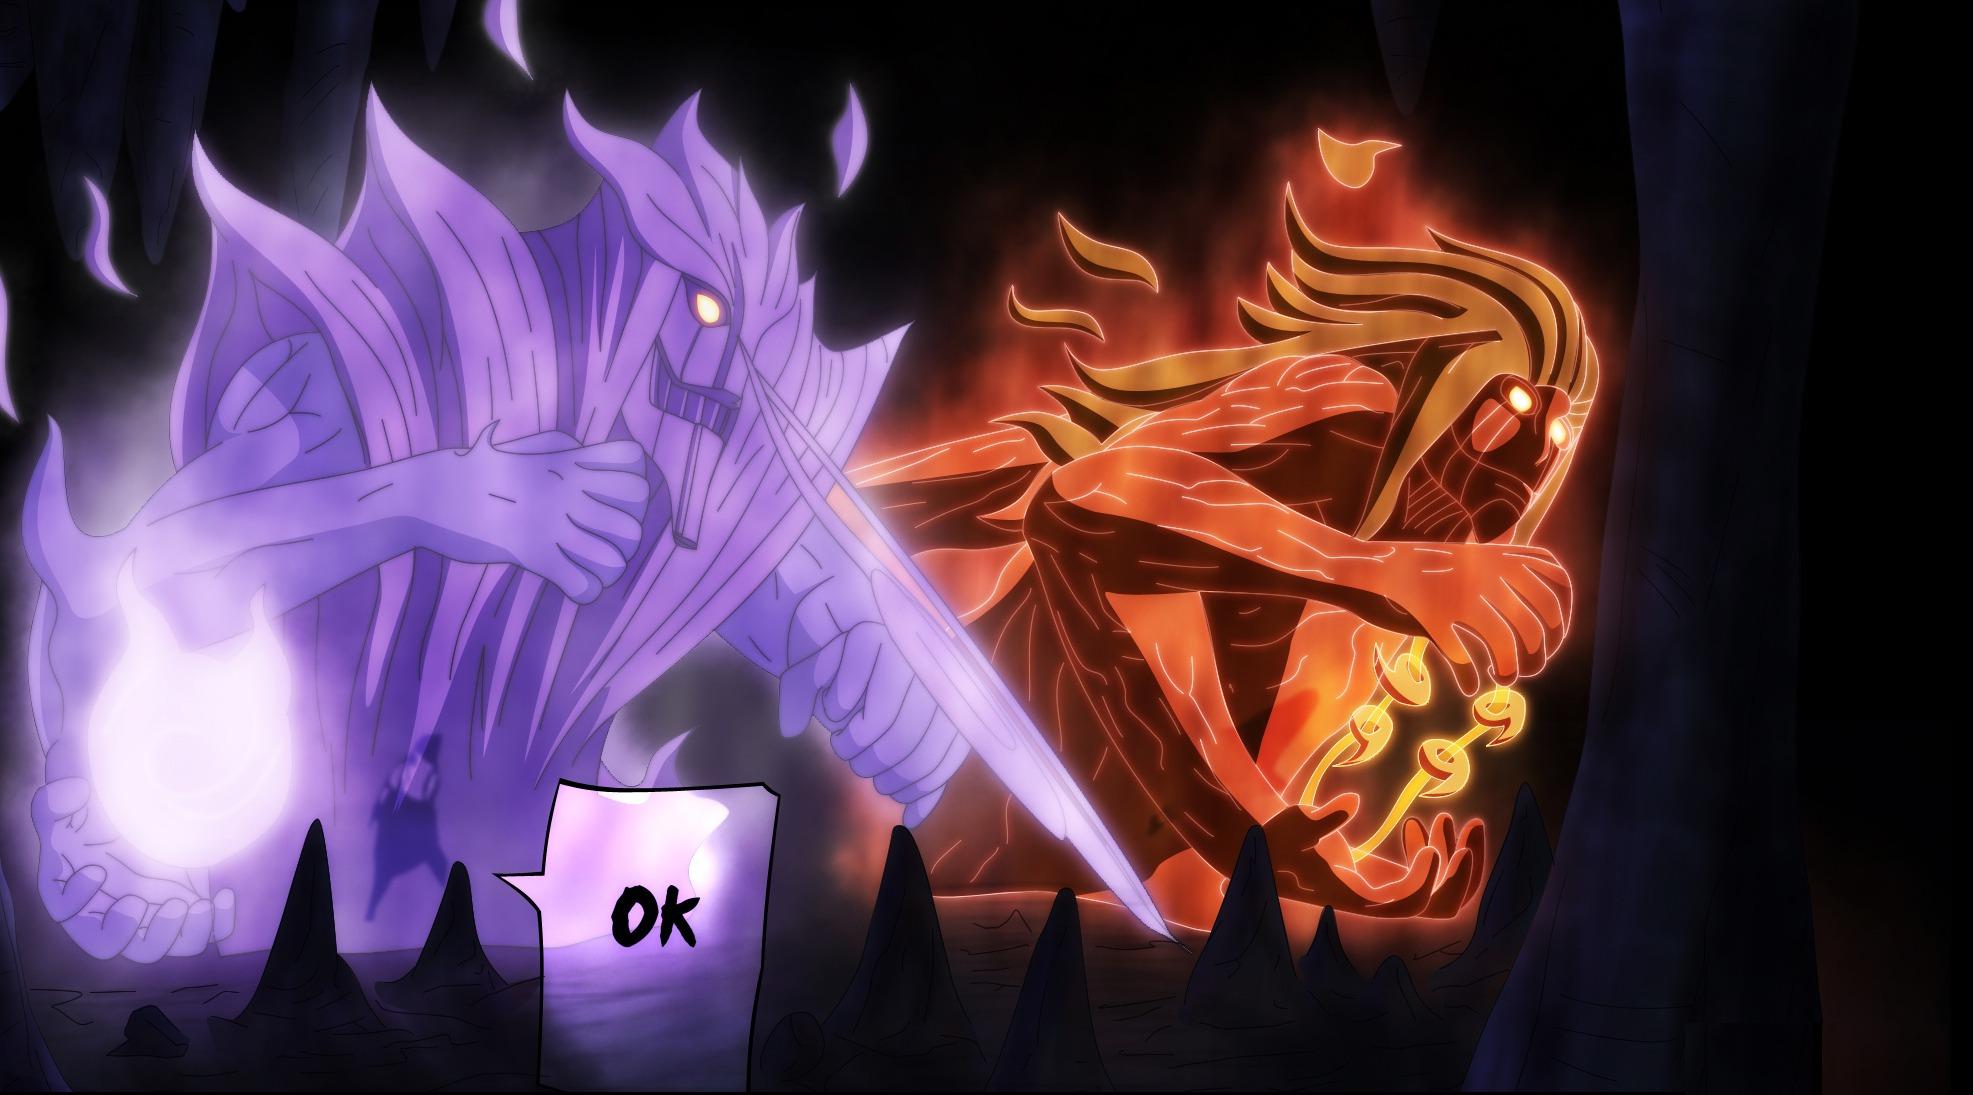 Wallpaper Naruto Vs Itachi Syrus For